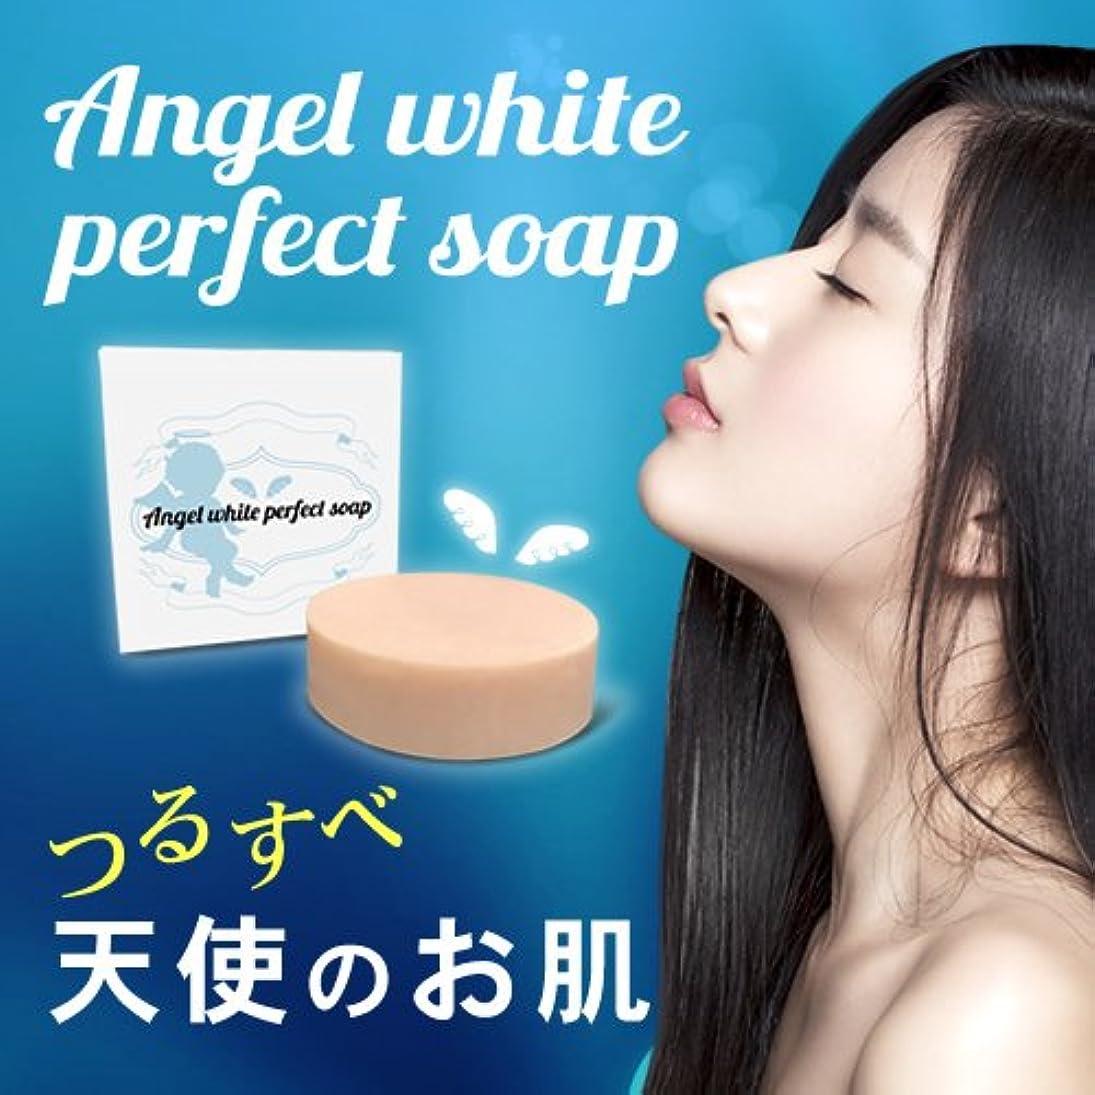 中間立法先生Angel White Perfect Soap(エンジェルホワイトパーフェクトソープ) 美白 美白石けん 美肌 洗顔石鹸